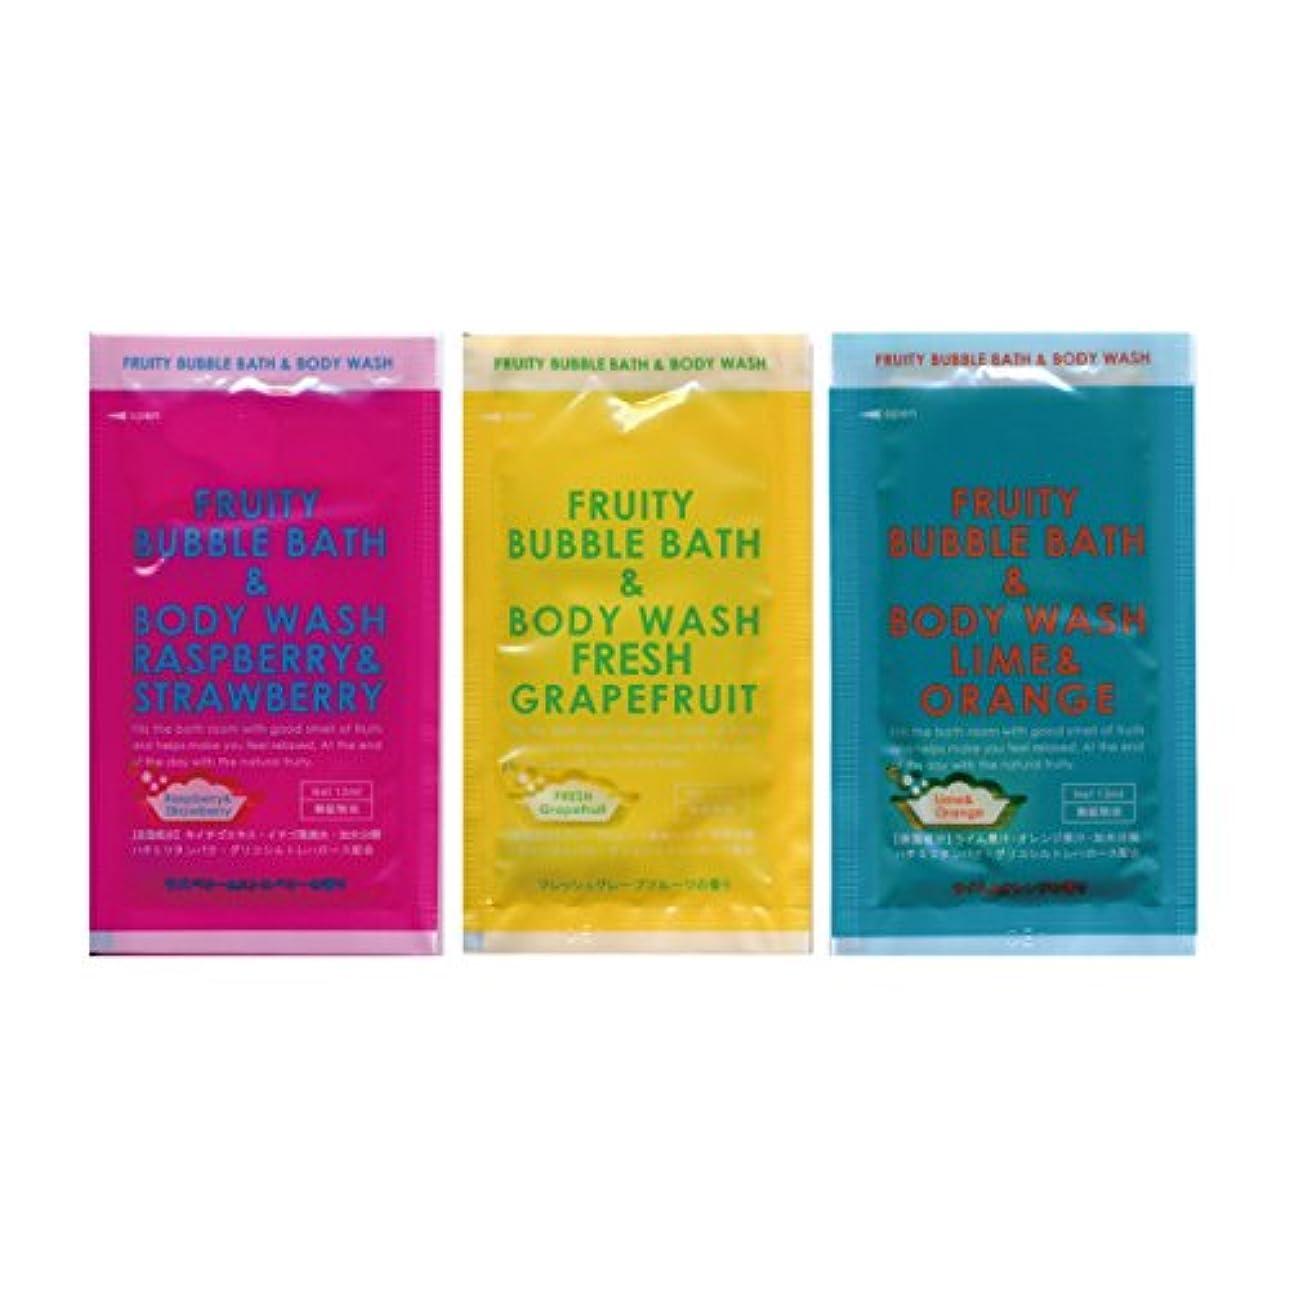 共同選択スパン診療所フルーティーバブルバス&ボディウォッシュ 3種類 10セット